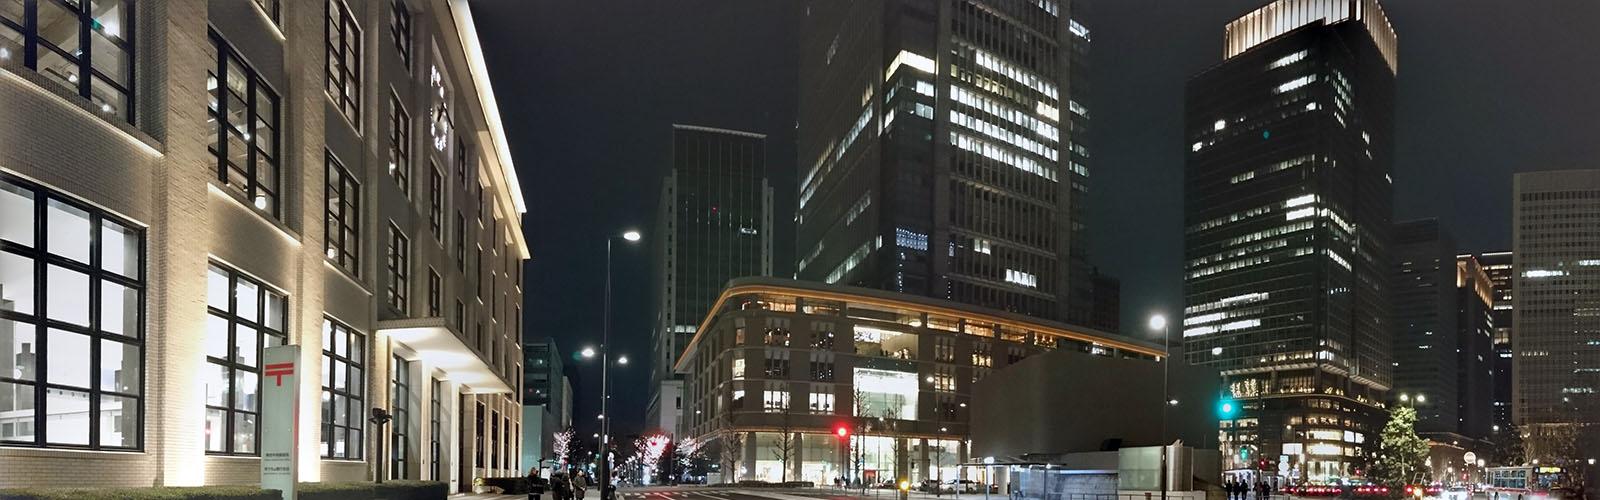 2018_正月明けの丸の内ビル街